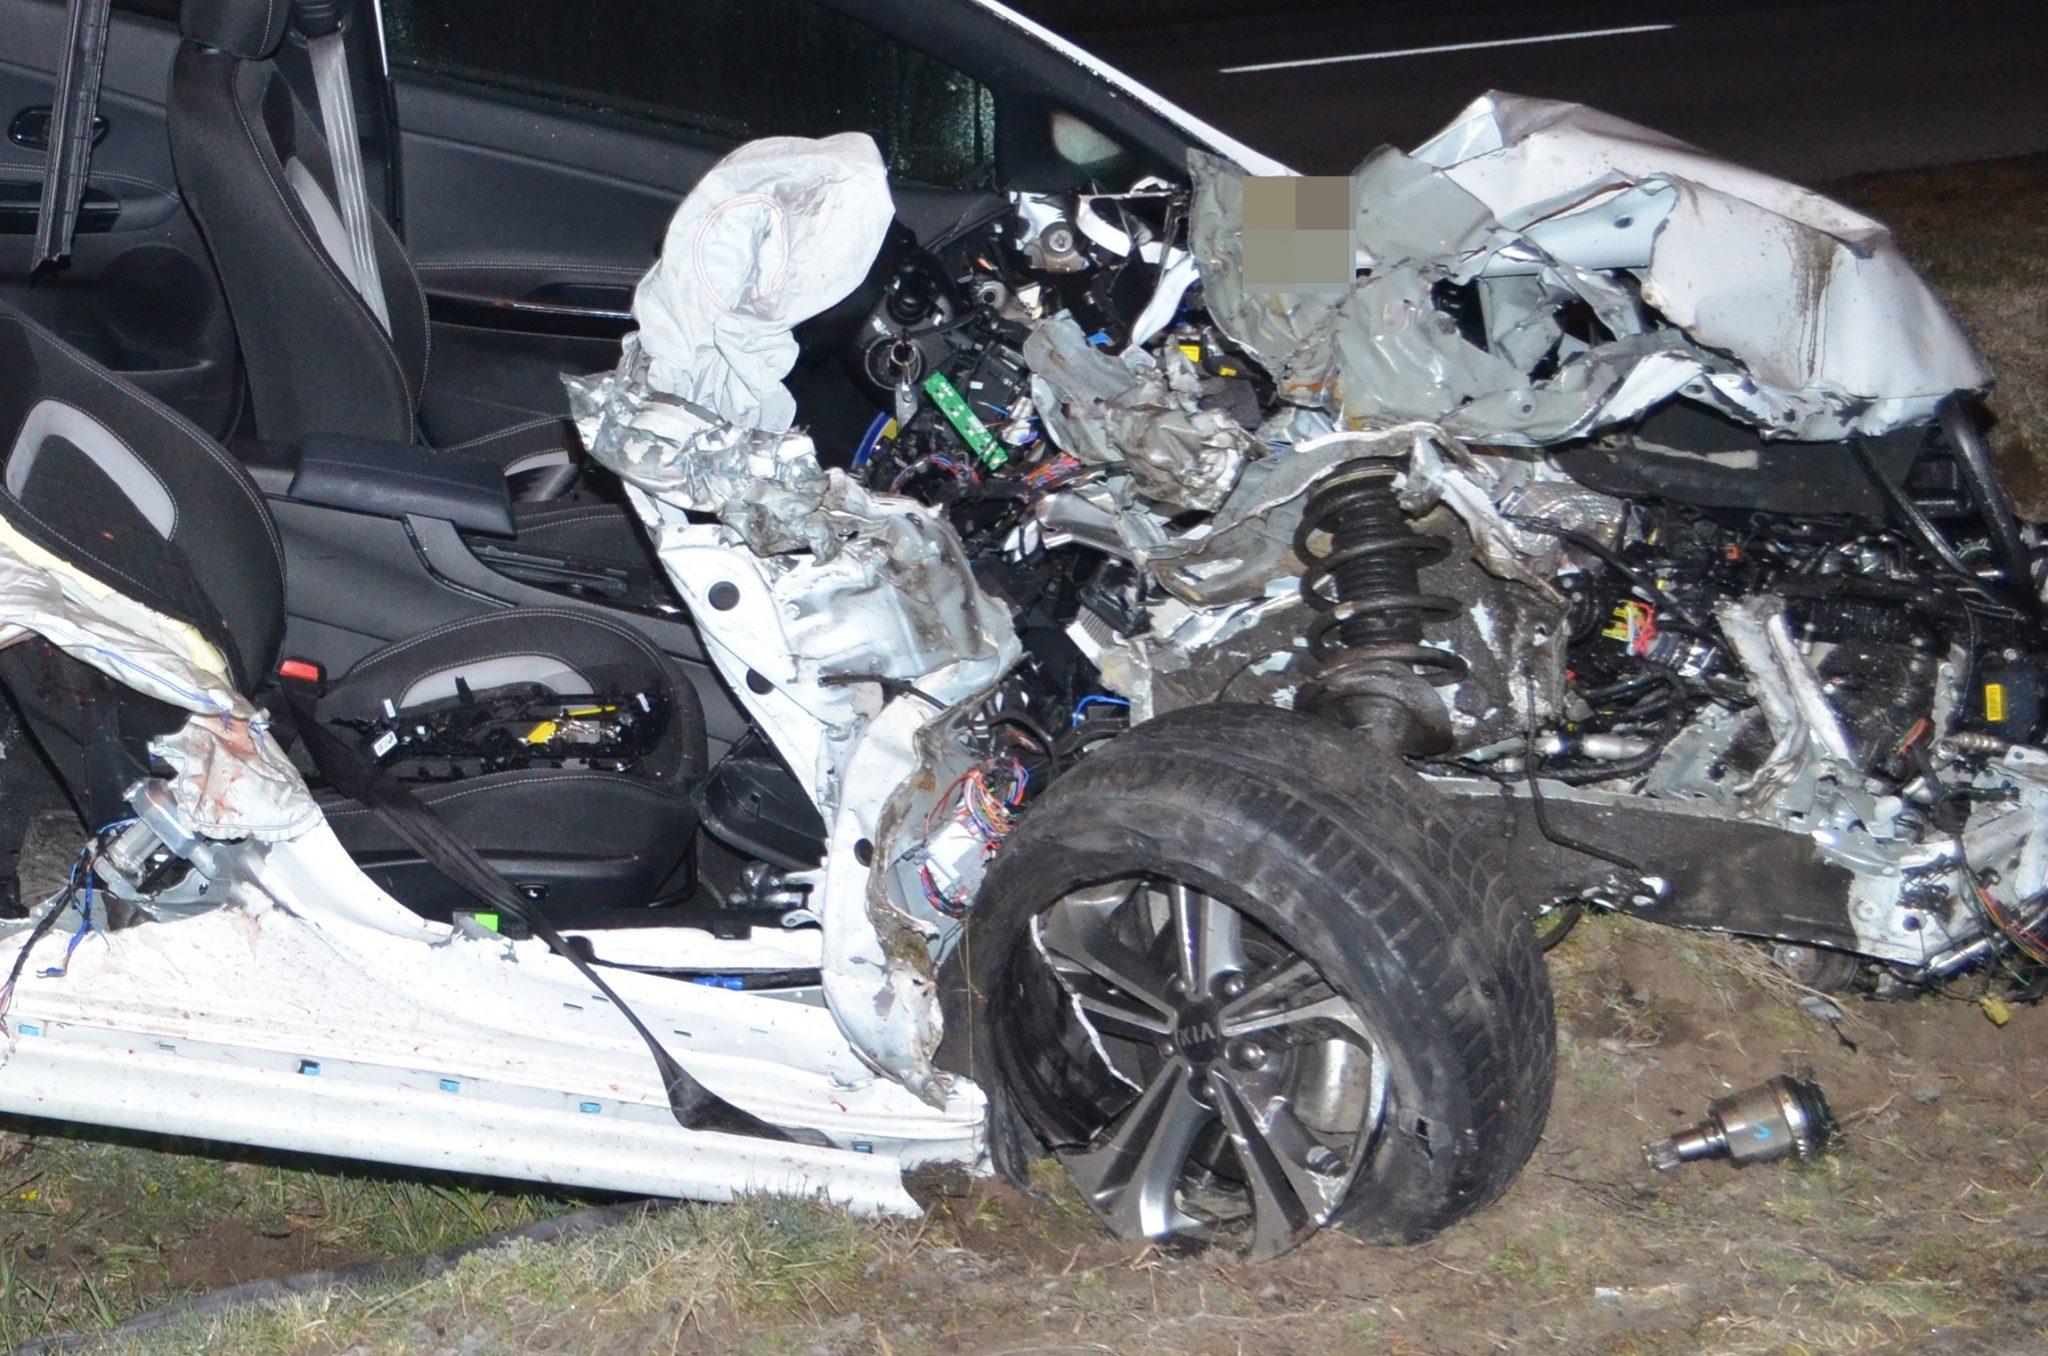 Szomorú fotók érkeztek a szombat éjszaka történt tiszakécskei halálos balesetről